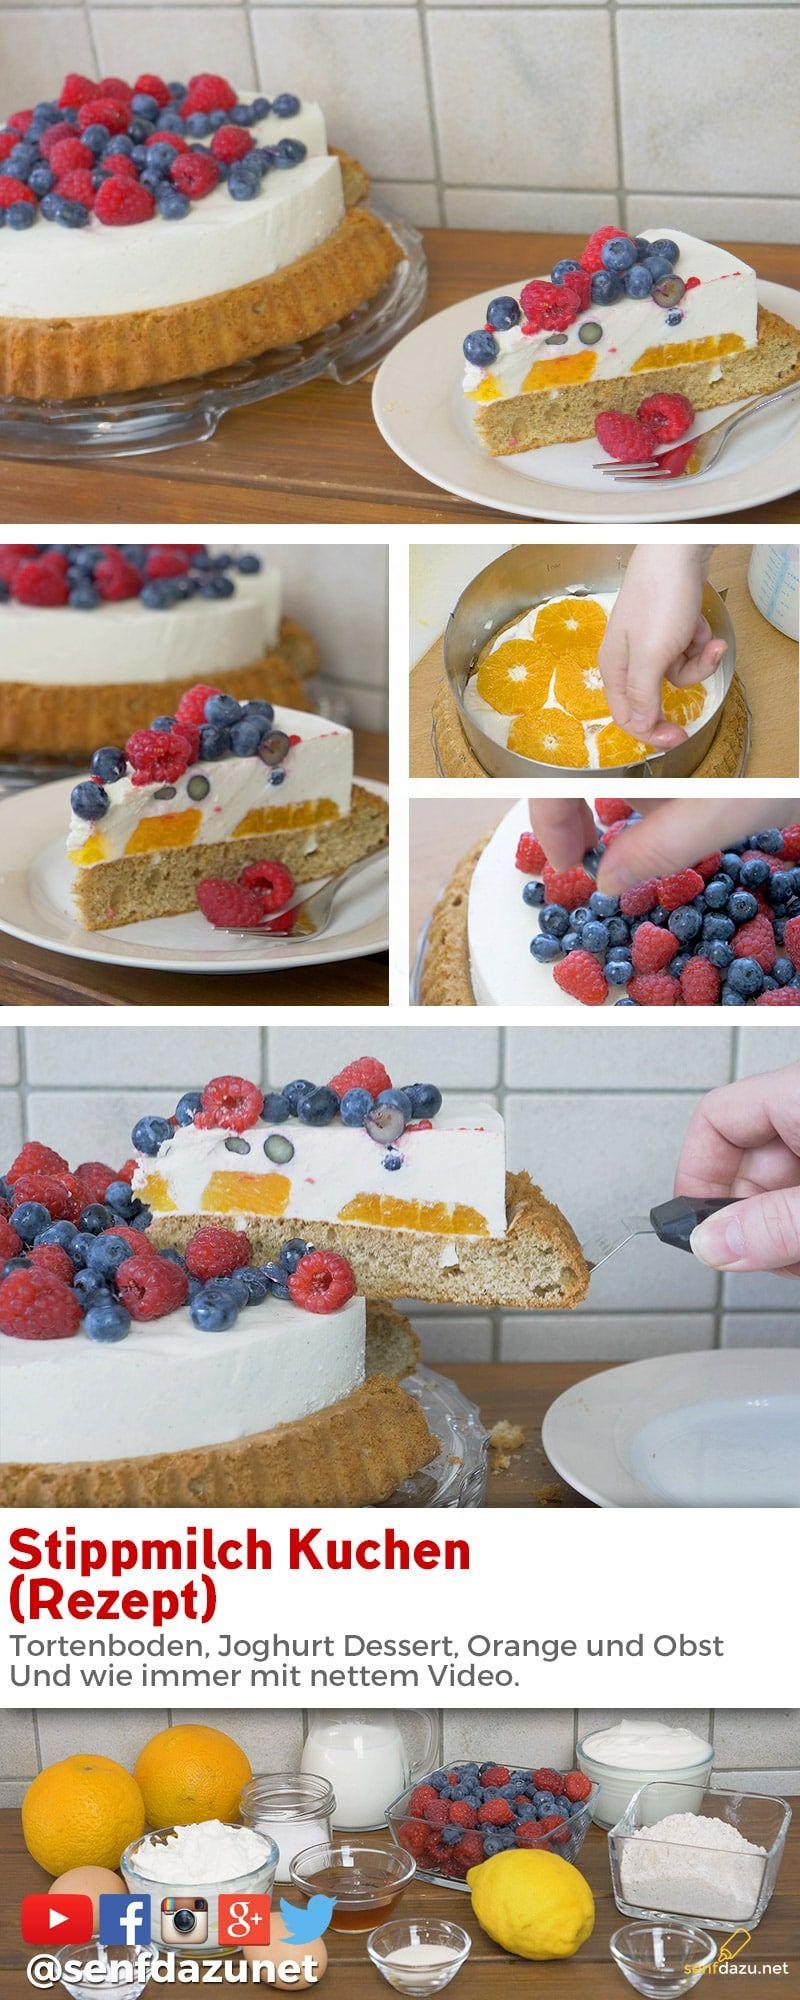 Stippmilch Kuchen Rezept Joghurt Dessert Orange Und Obst Fruchte Rezept Kalte Desserts Joghurt Dessert Kuchen